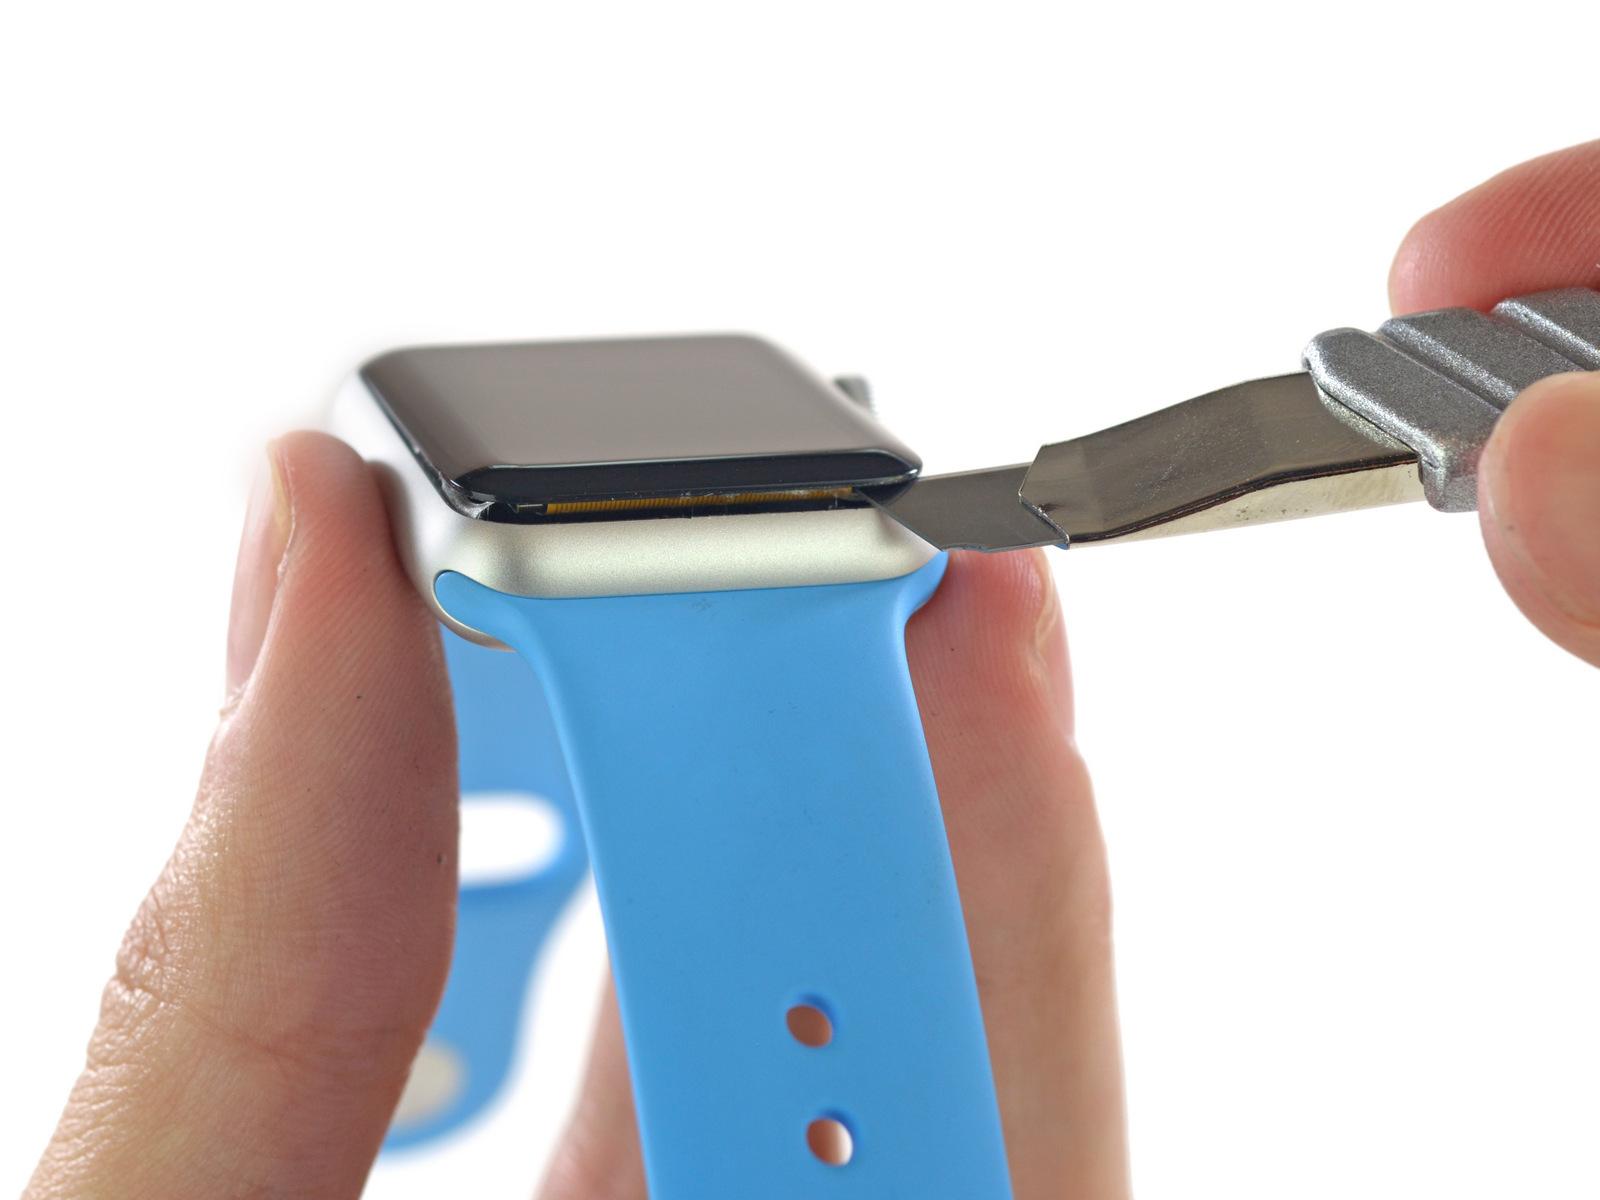 Как только поврежденное экран отсоединен, обесточивается весь гаджет, отсоединив батарею.